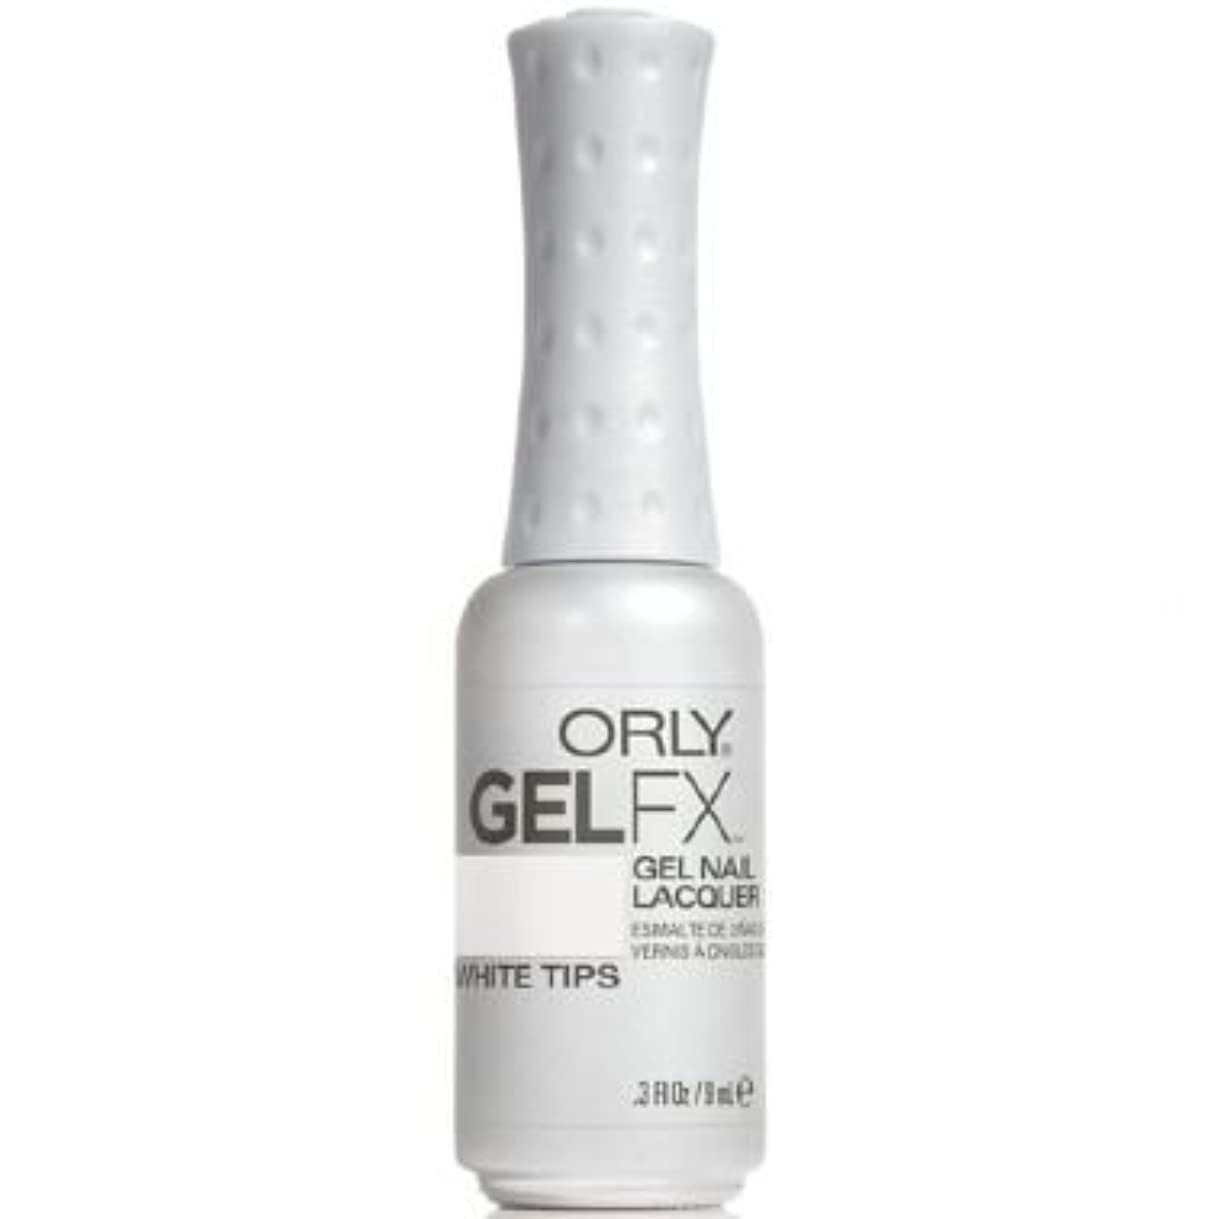 降下アッティカス小包Orly Gel FX Gel UV Vernis à Ongles/ Gel Polish - White Tips 9ml